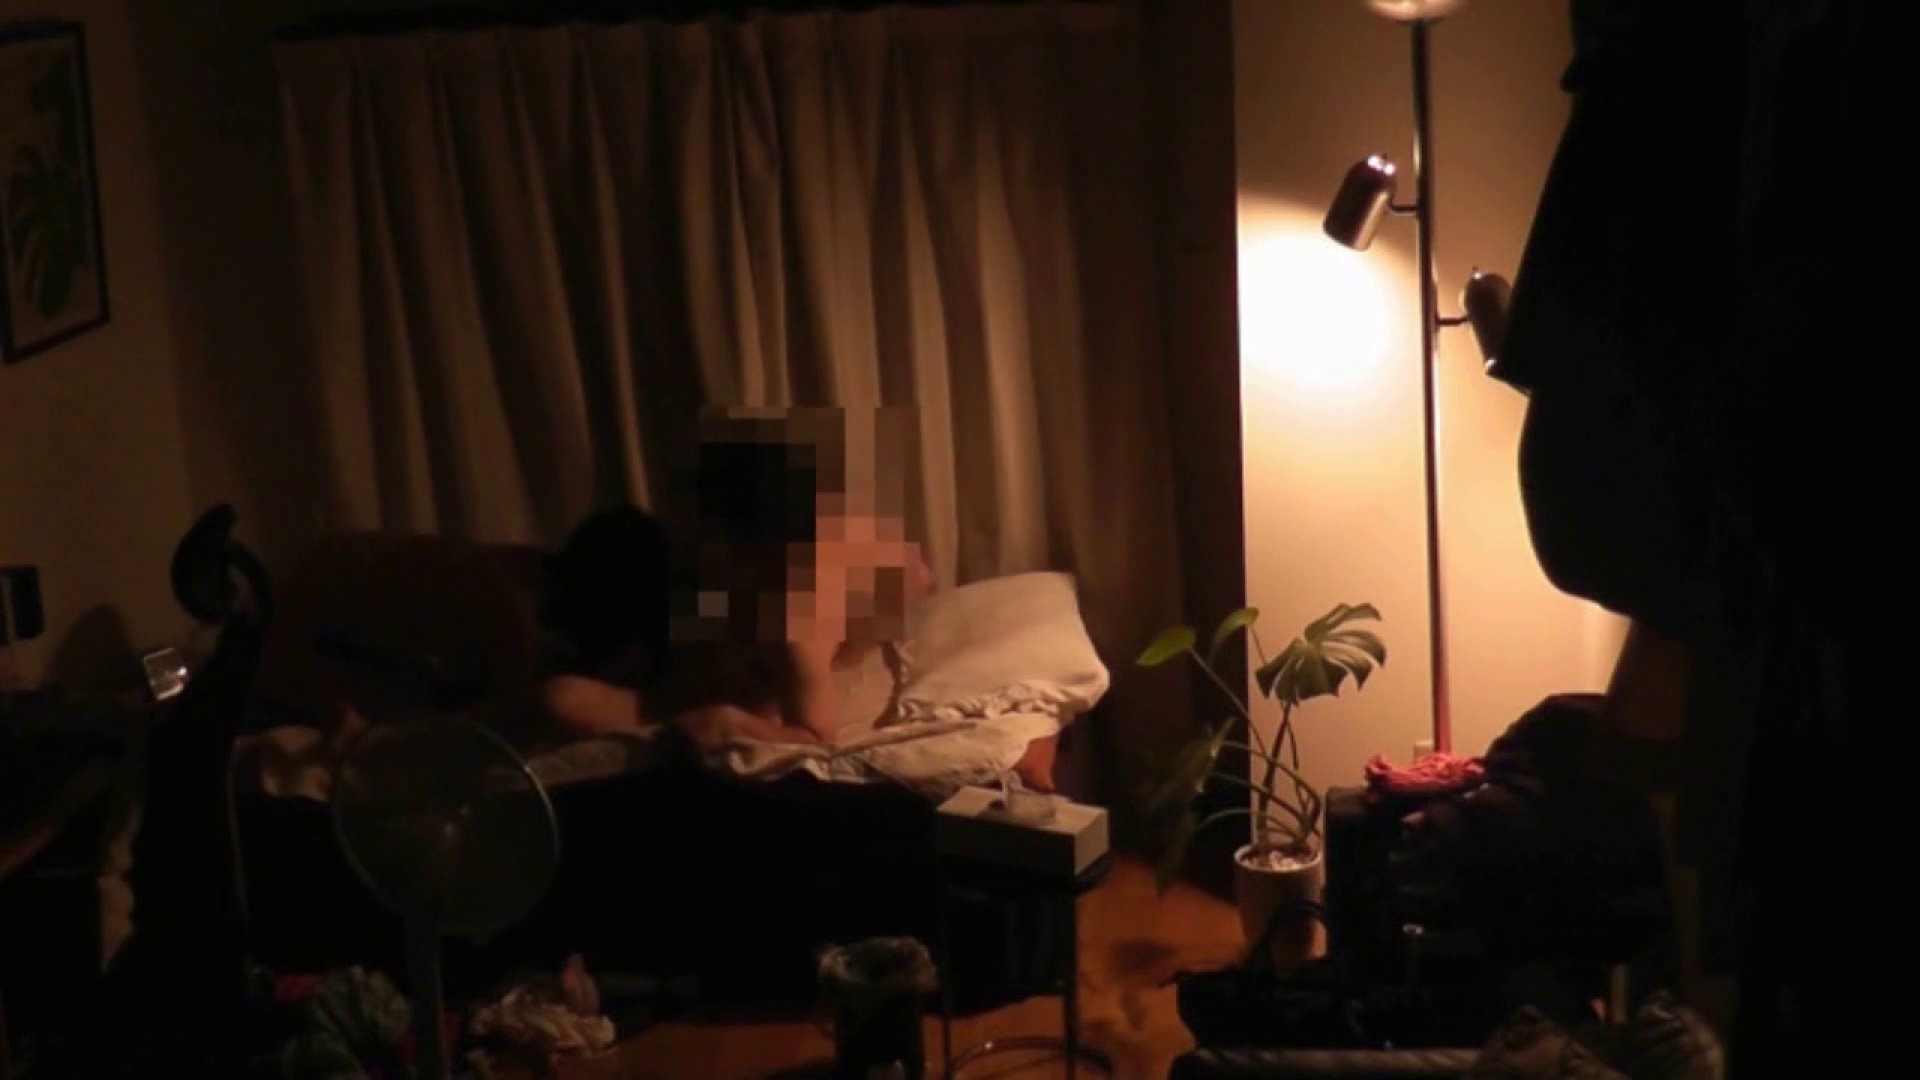 美女だらけのプライベートSEXvol.1 美女丸裸 オメコ動画キャプチャ 90pic 46